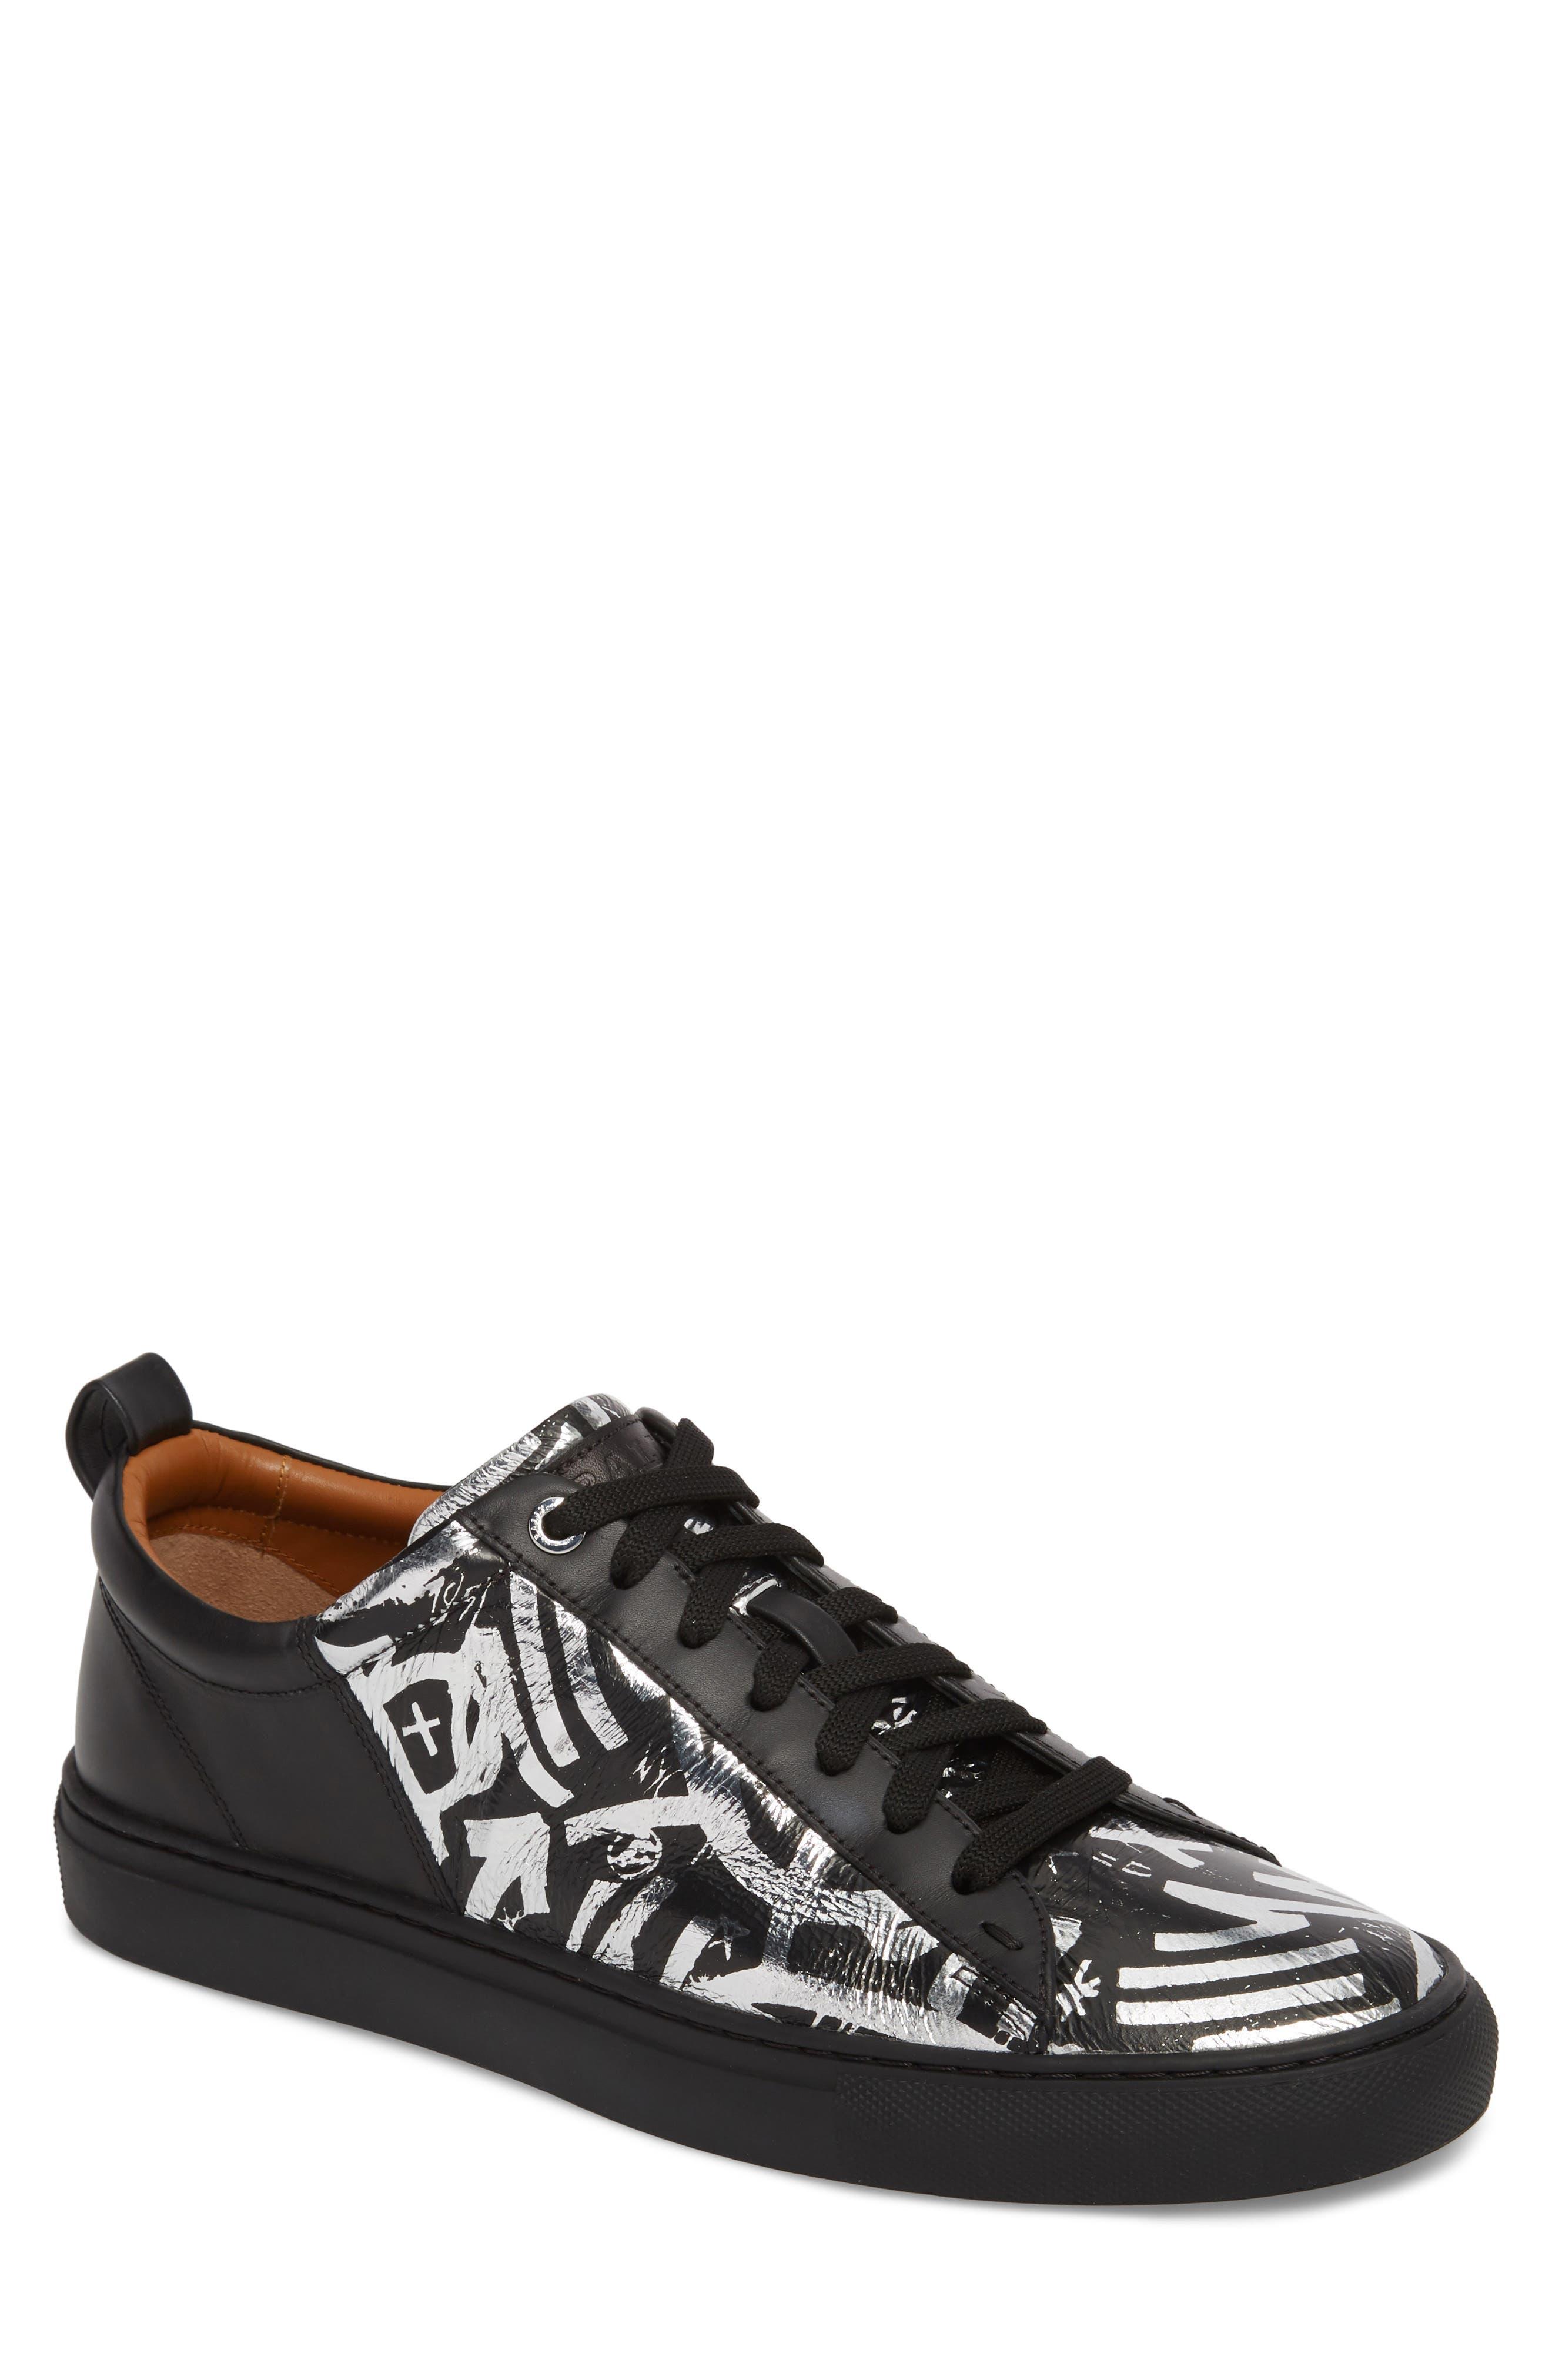 Herbi Low Top Sneaker,                             Main thumbnail 1, color,                             Silver